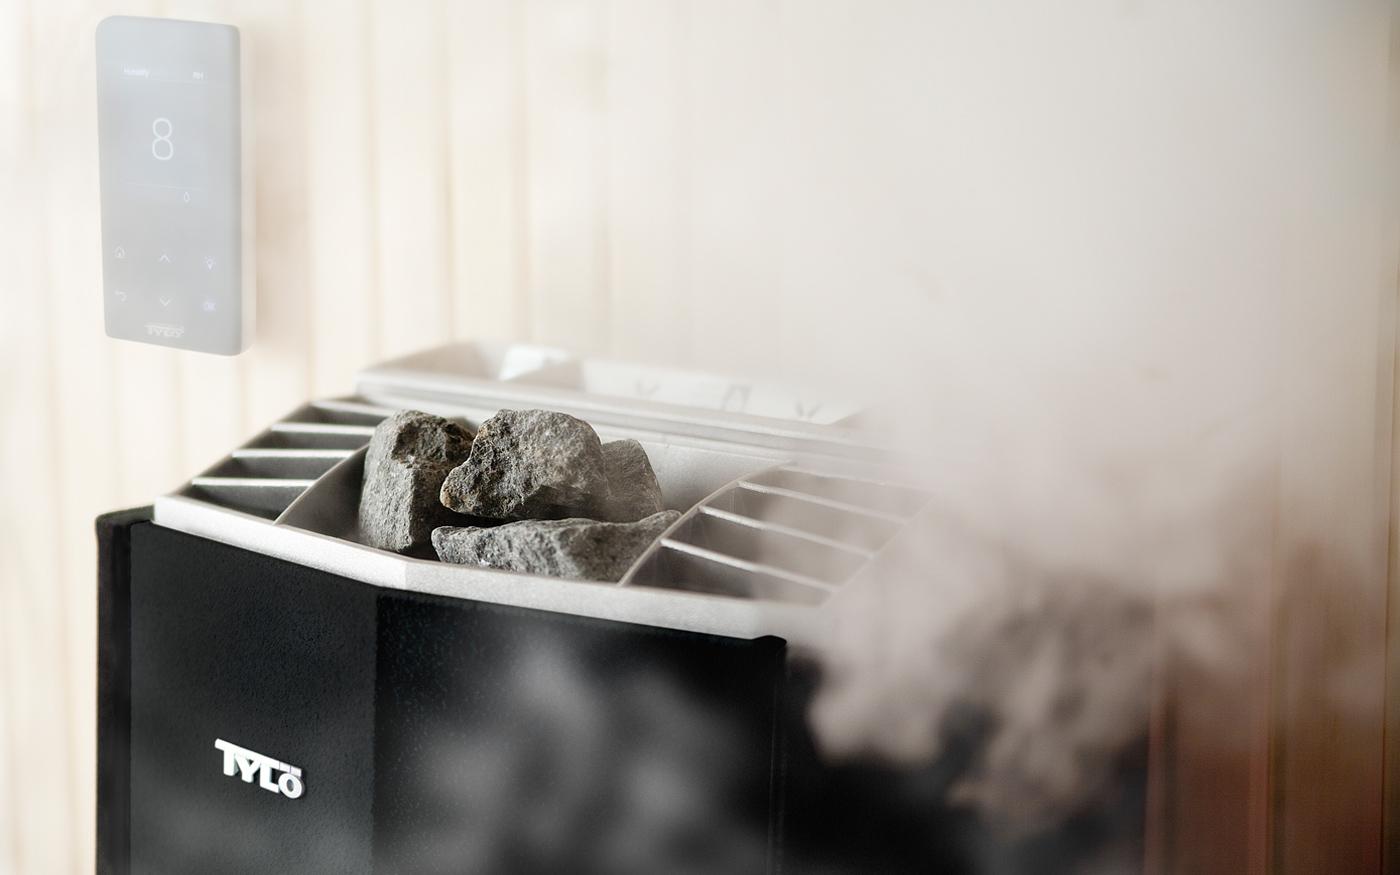 Cuptor electric Mixt pentru saune TYLO - Poza 3